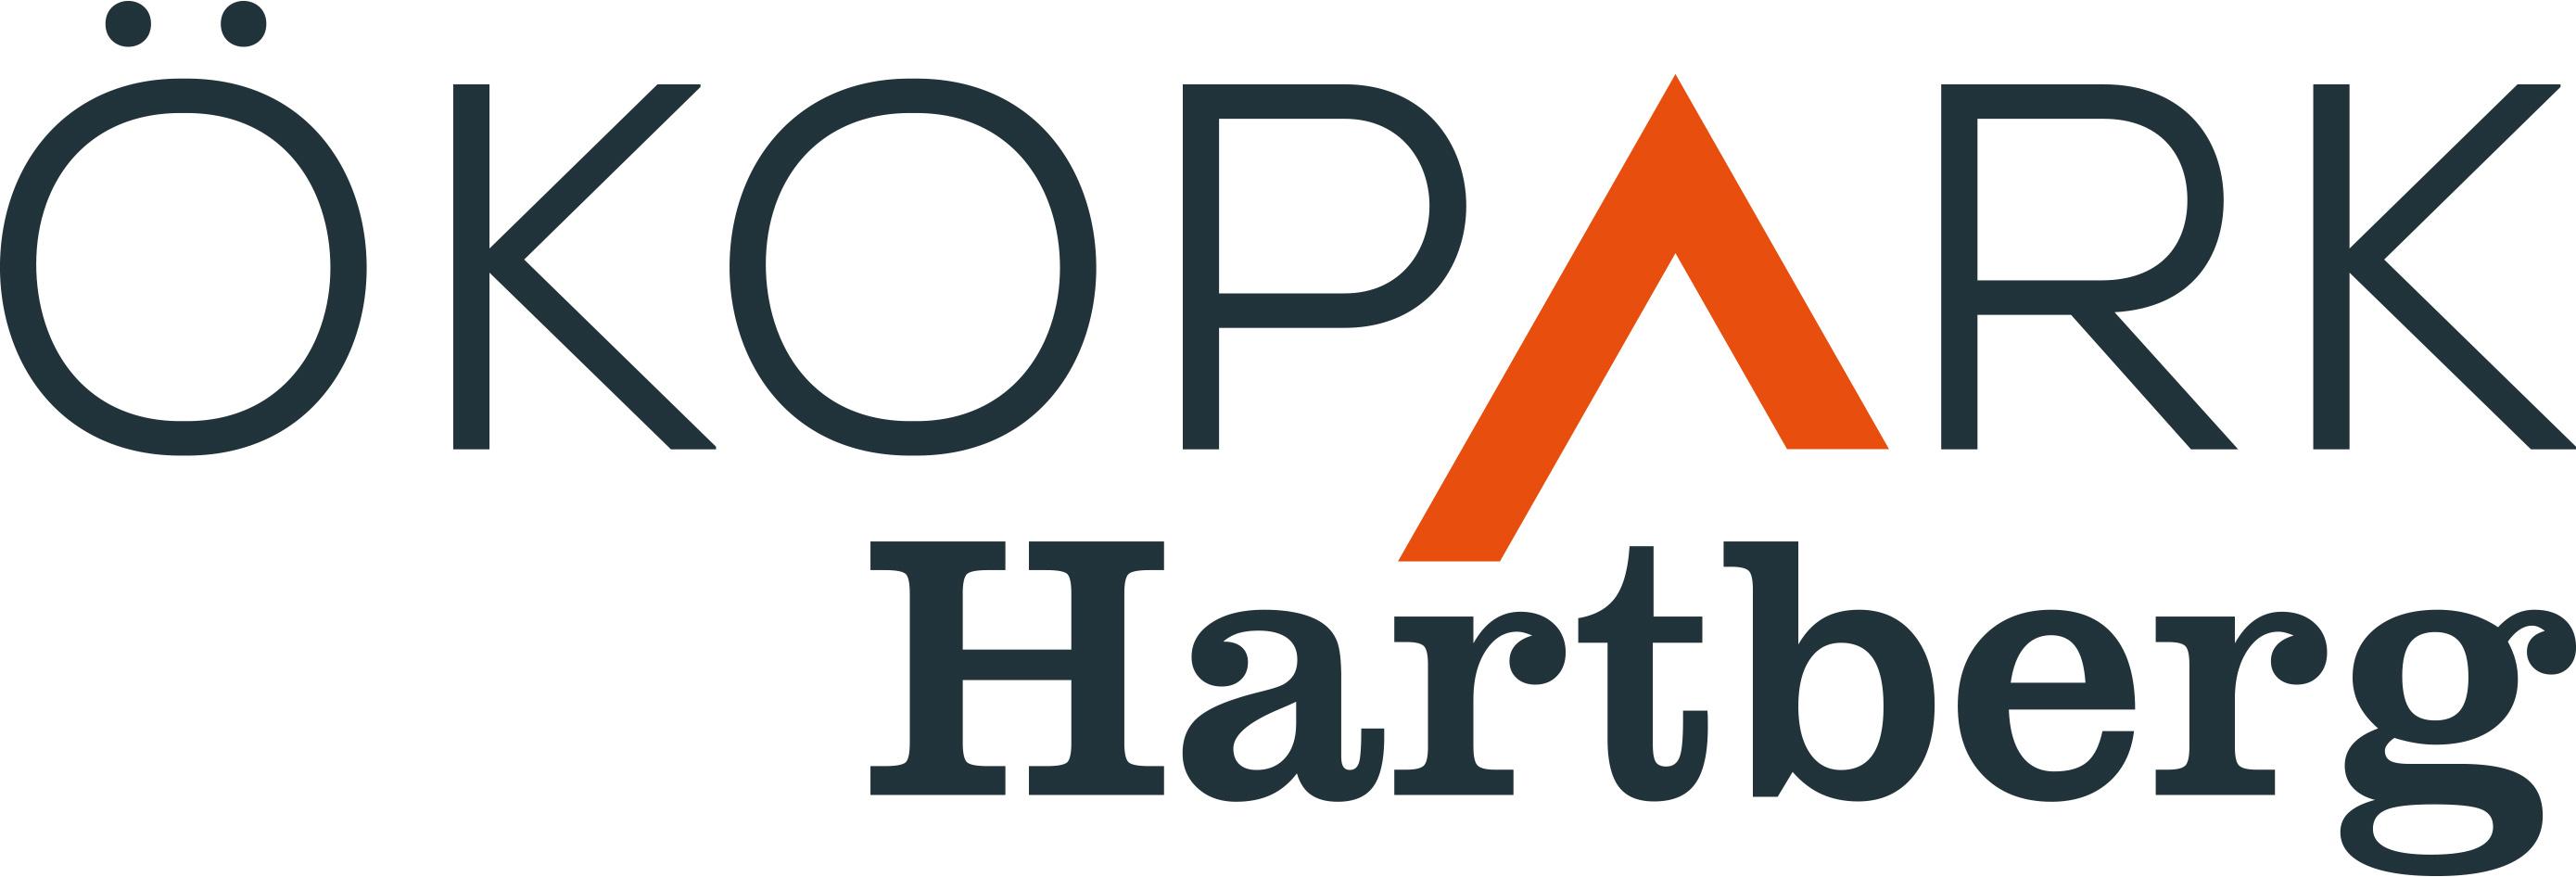 Logo oekopark Erlebnisreich Hartberg